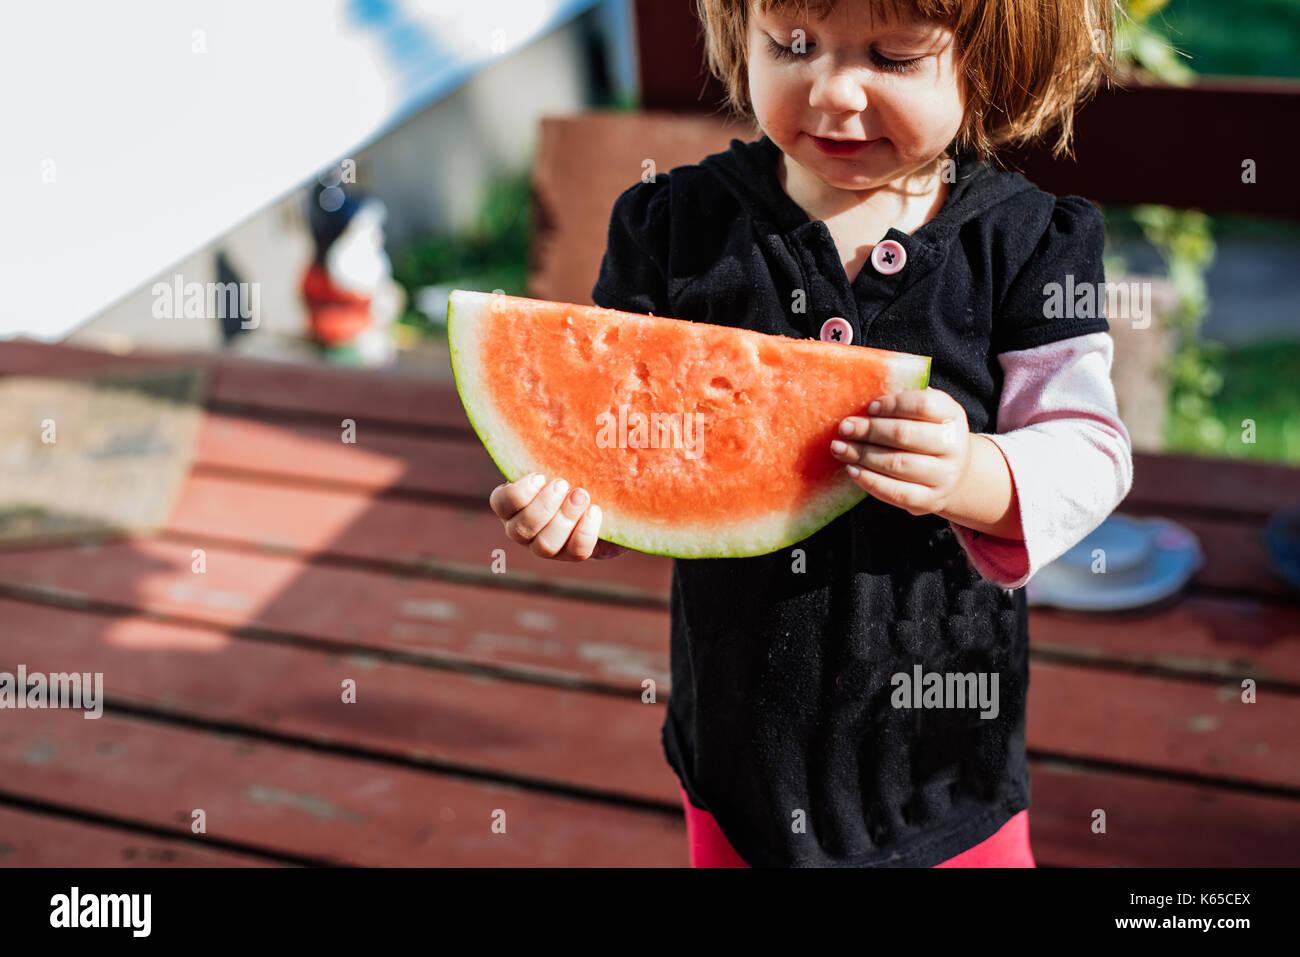 Une jeune fille est titulaire d'une tranche de melon sur une chaude journée d'été. Photo Stock